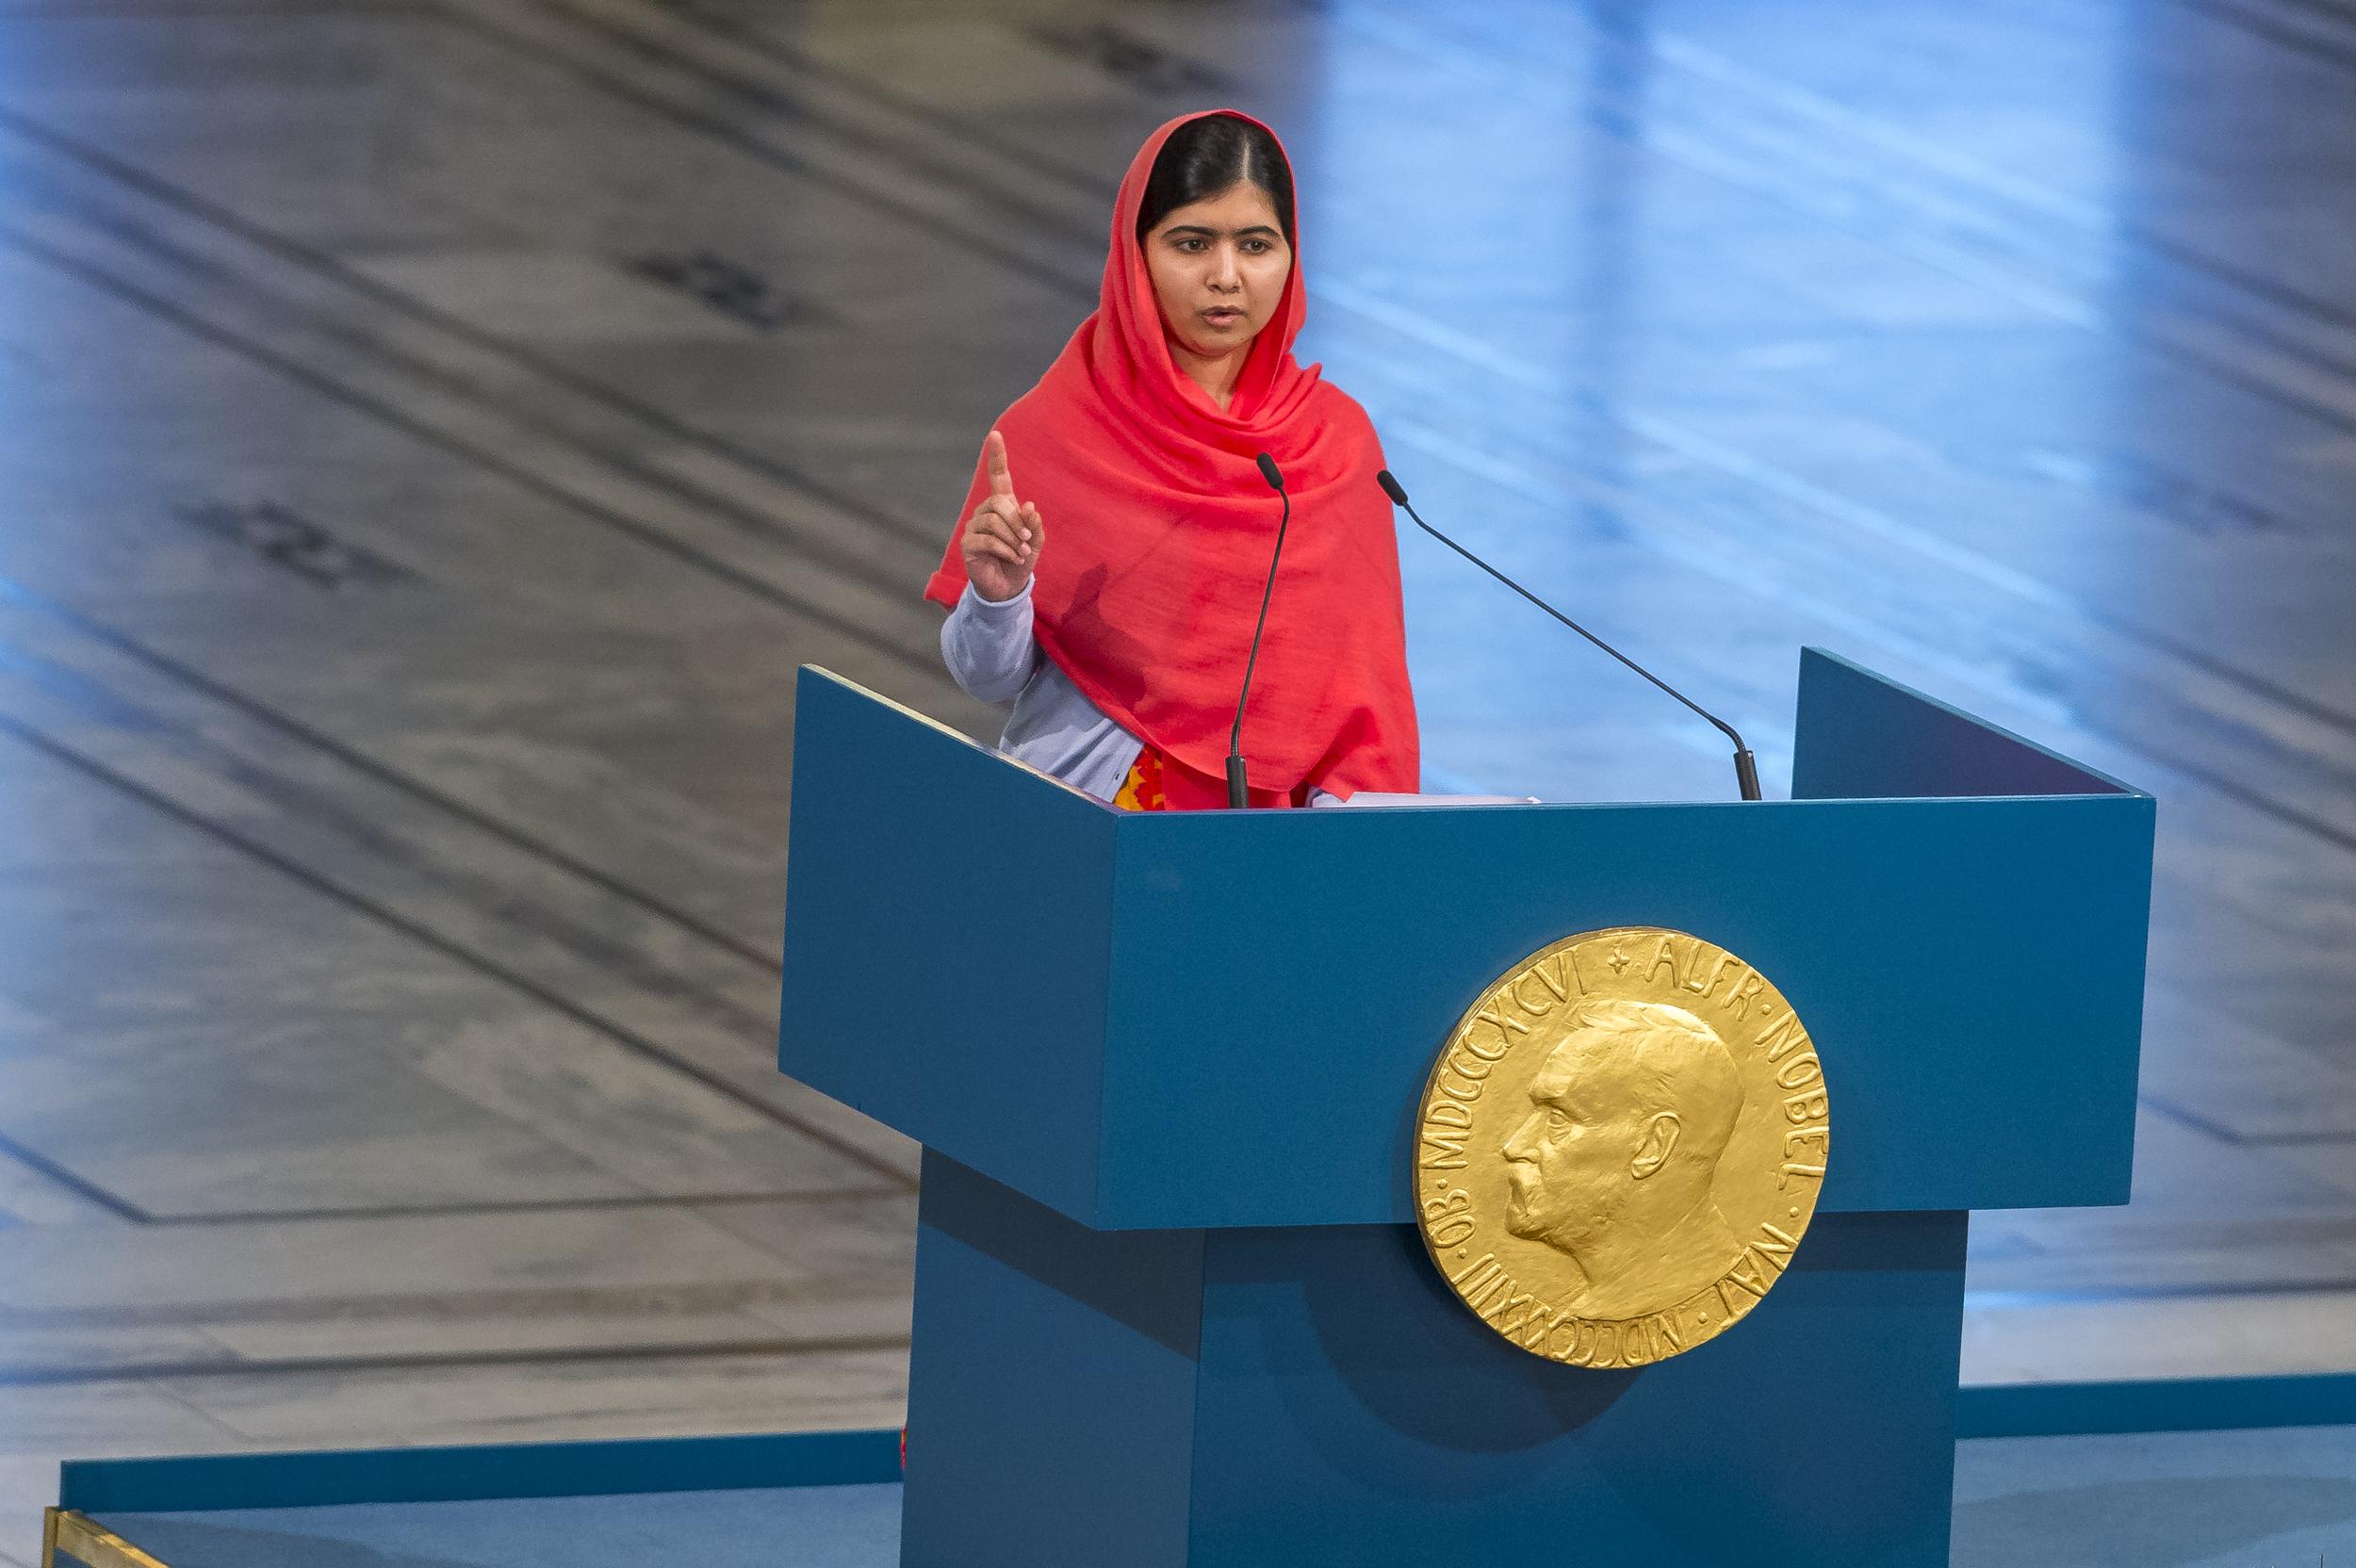 Nobel Peace Prize Award Ceremony, Oslo